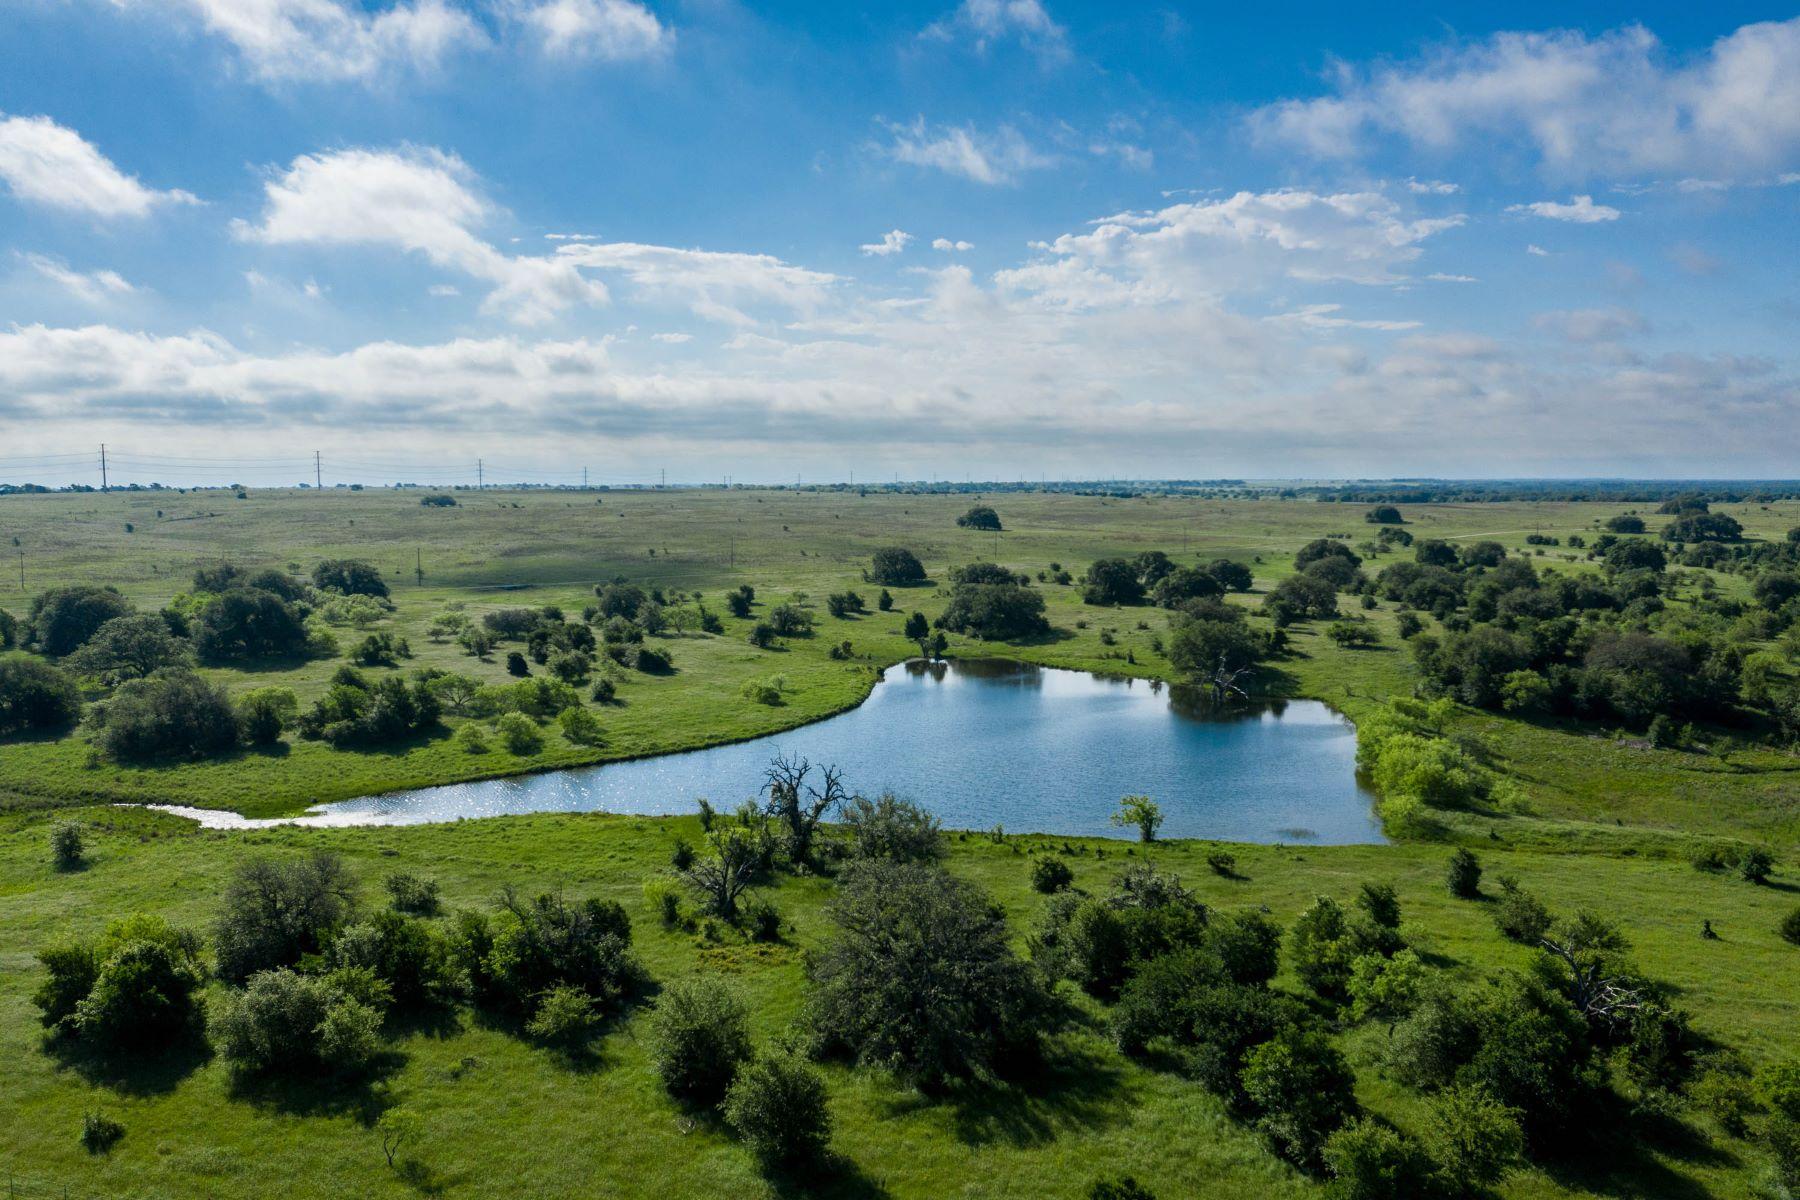 农场 / 牧场 / 种植园 为 销售 在 Rocosa Ridge Ranch 0 FM 1991 Meridian, 得克萨斯州 76665 美国